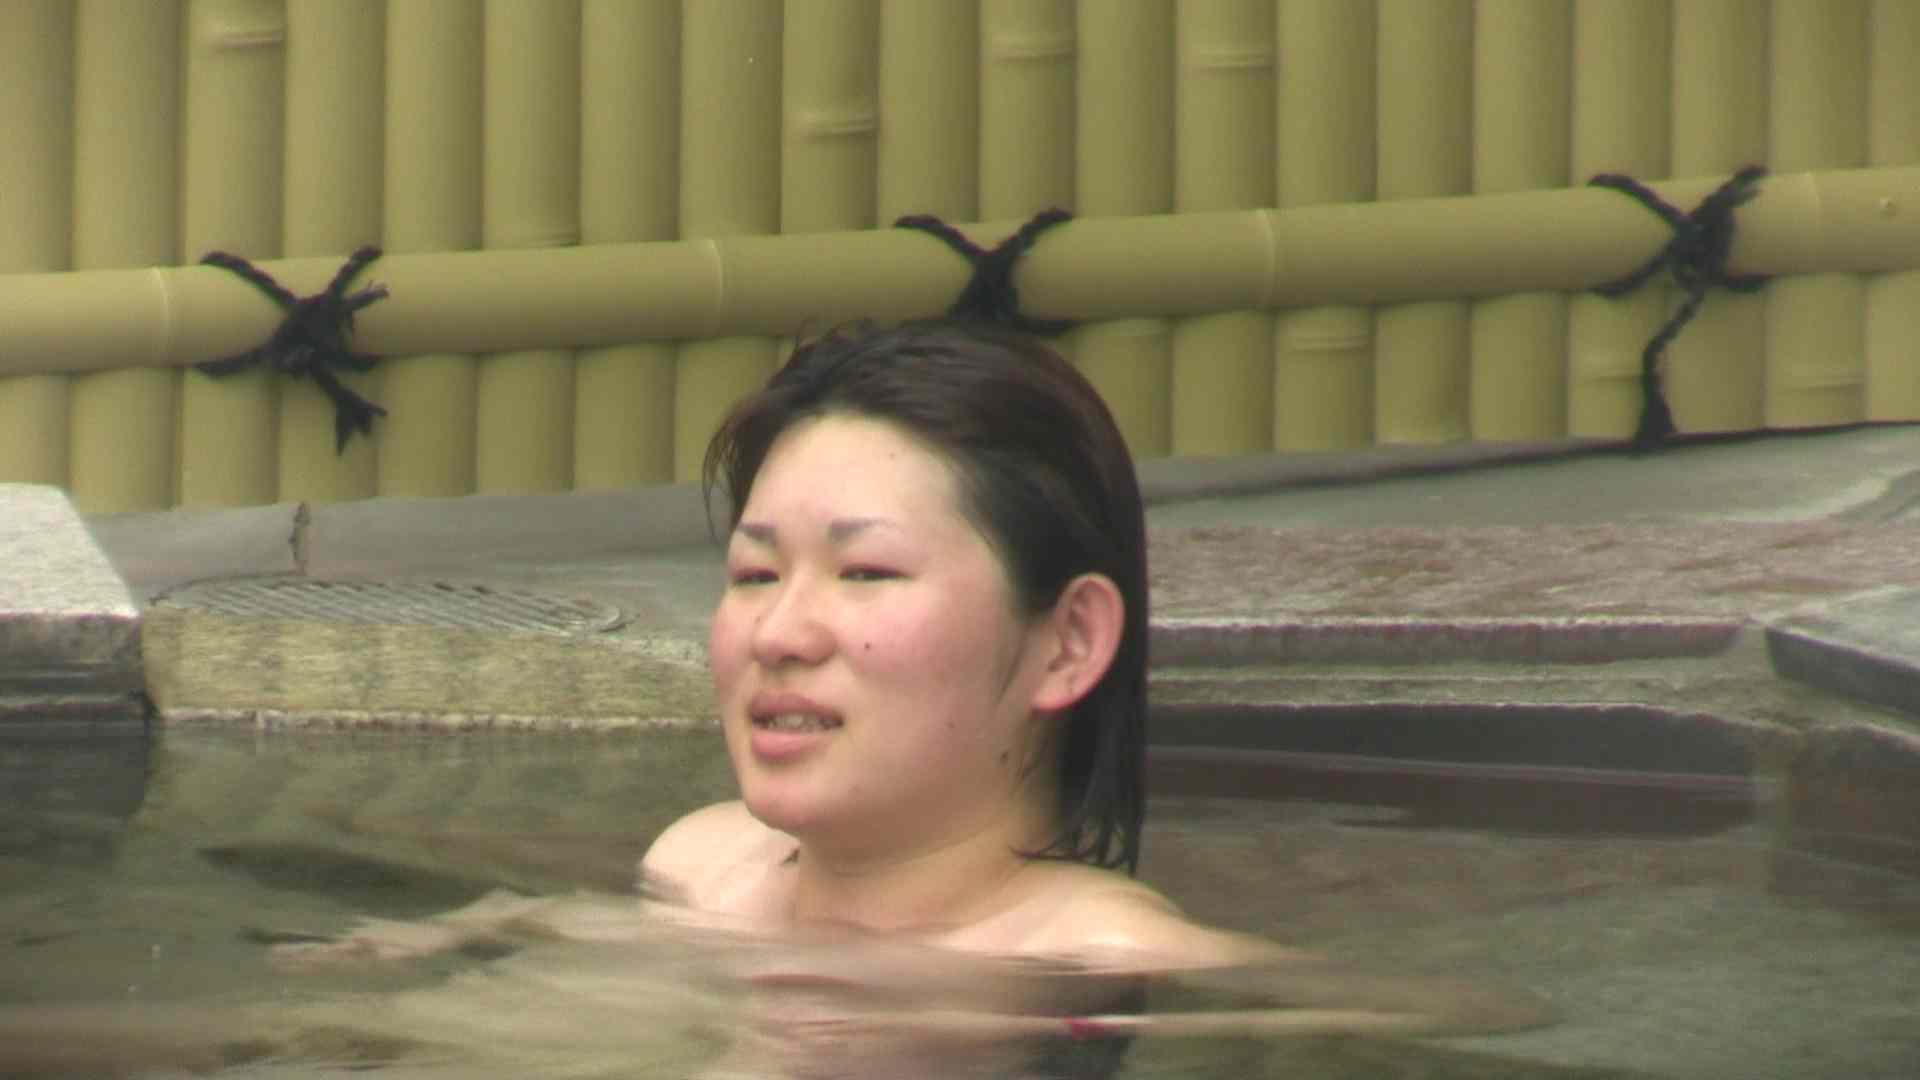 Aquaな露天風呂Vol.673 0   0  91pic 53